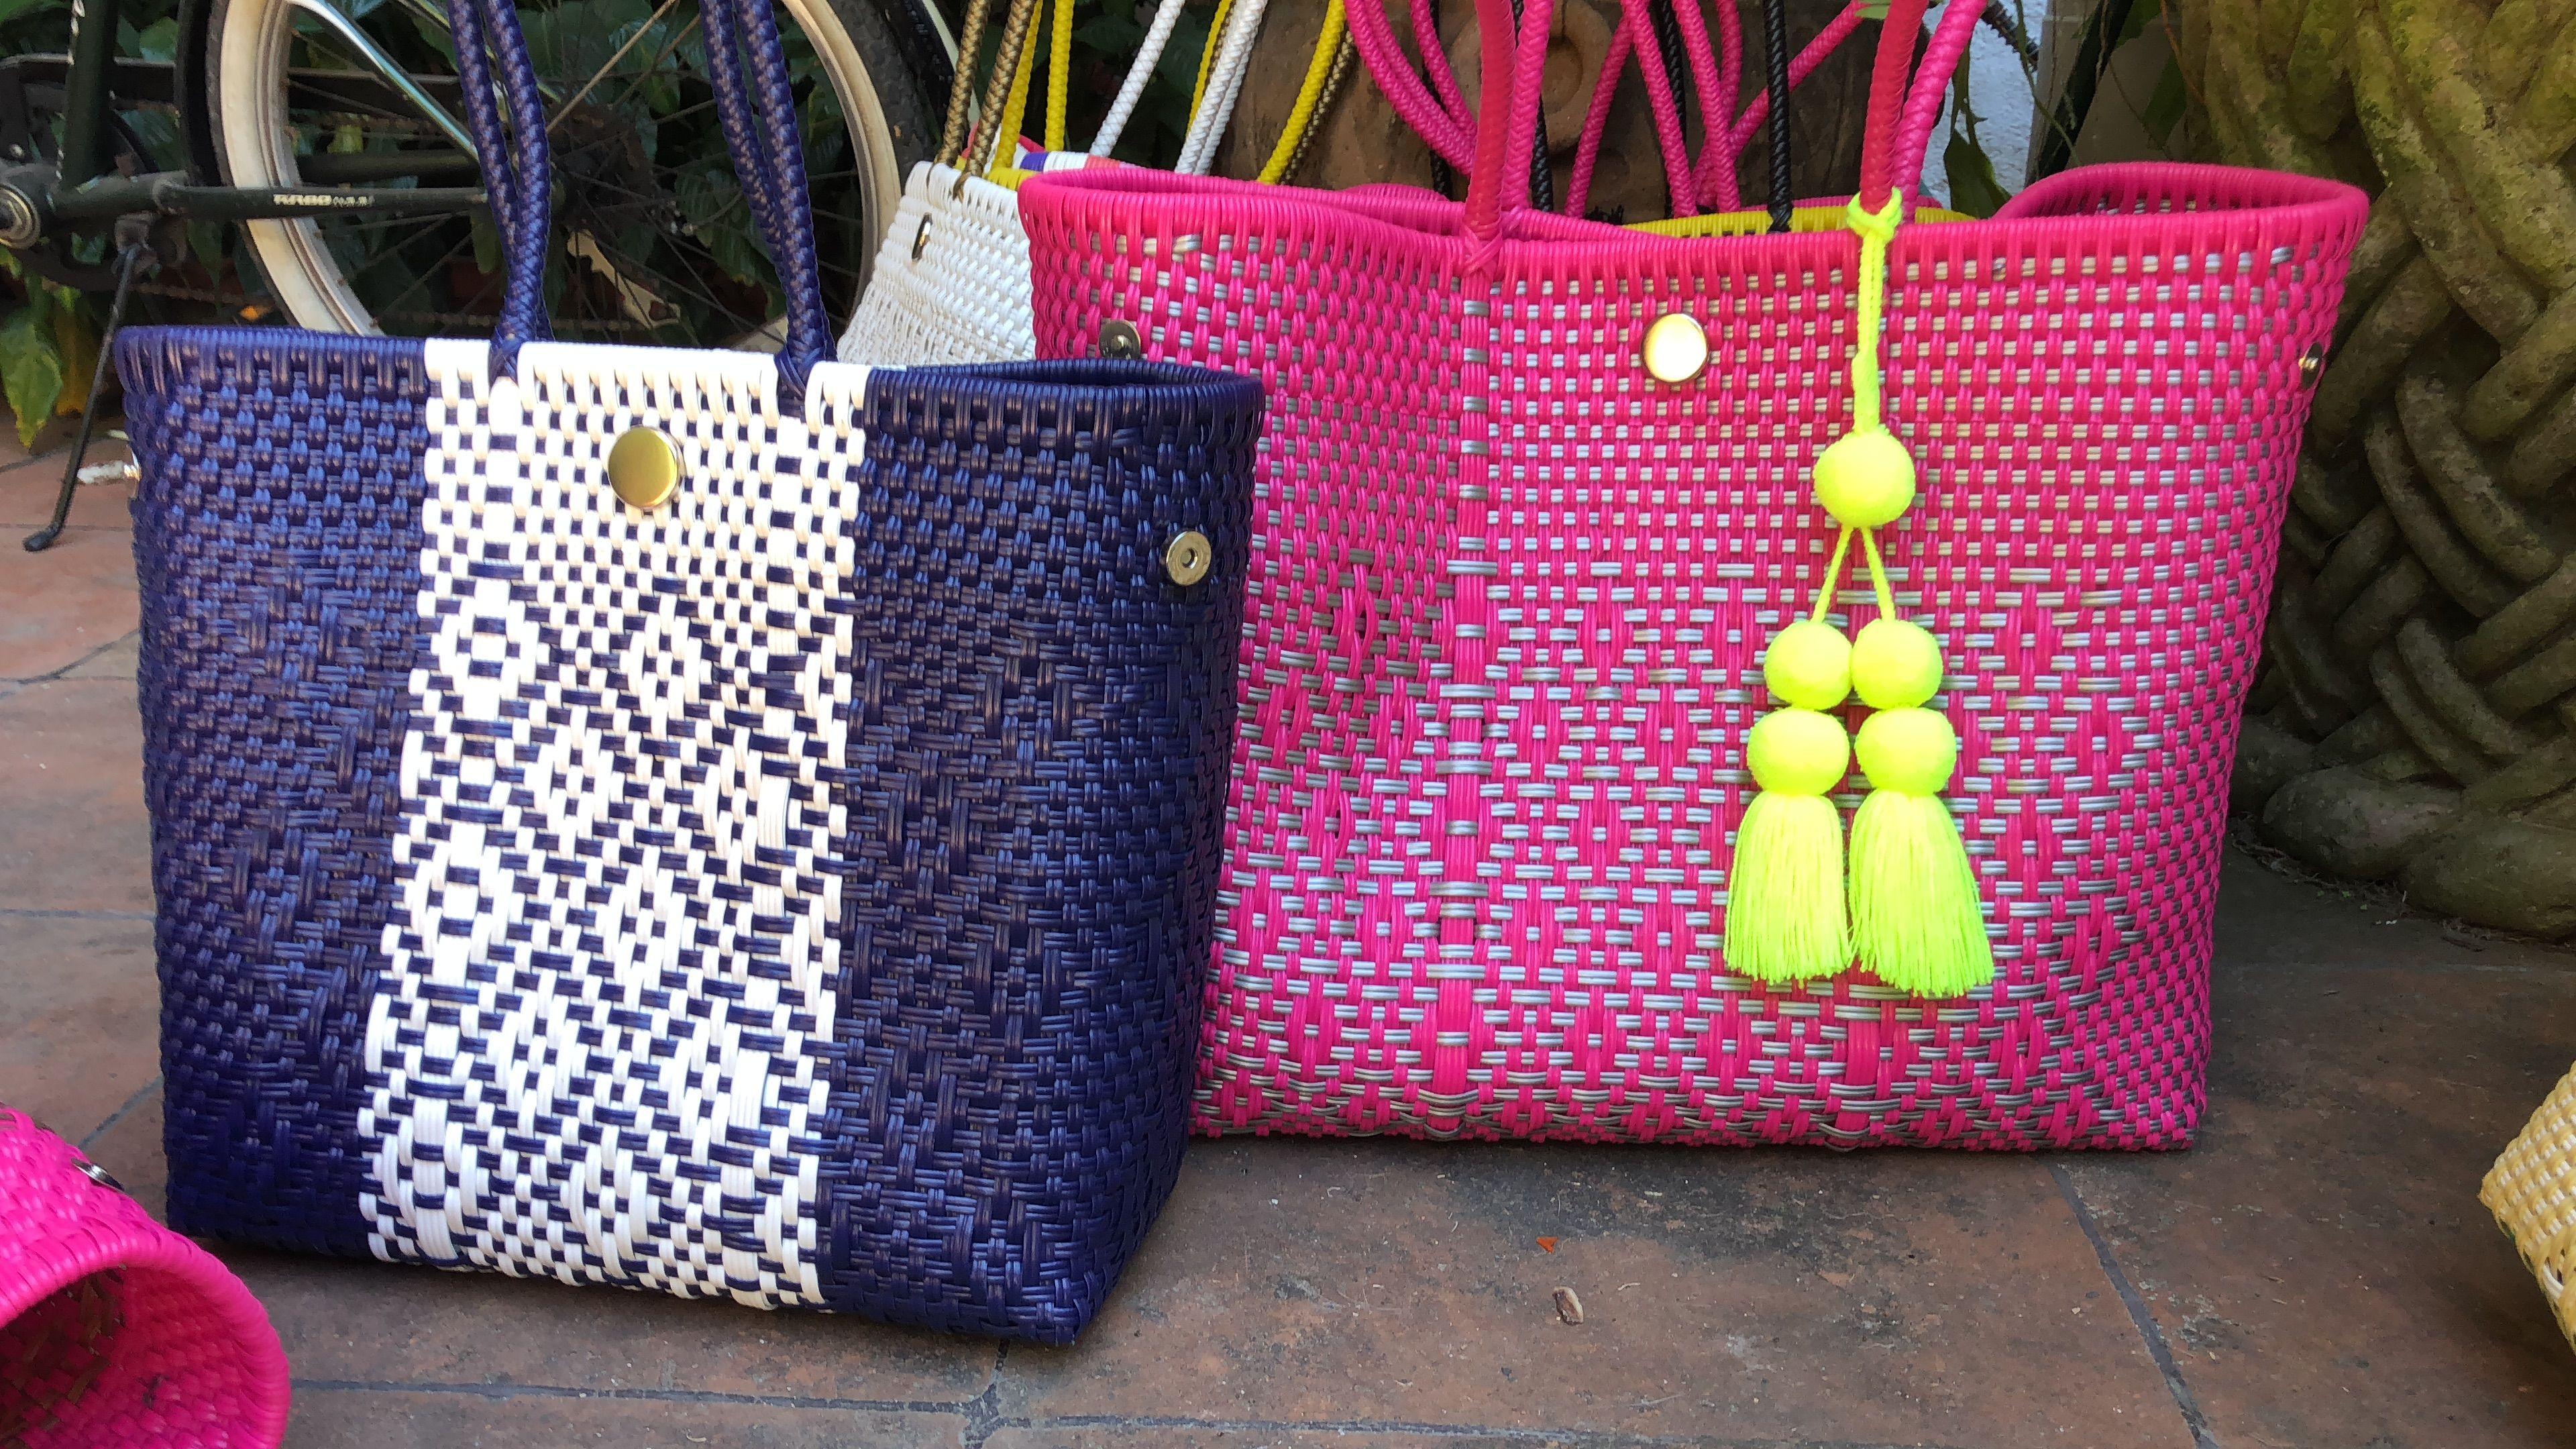 último estilo moda más deseable venta caliente barato Hola, somos fabricantes de bolsas artesanales de plastico ...